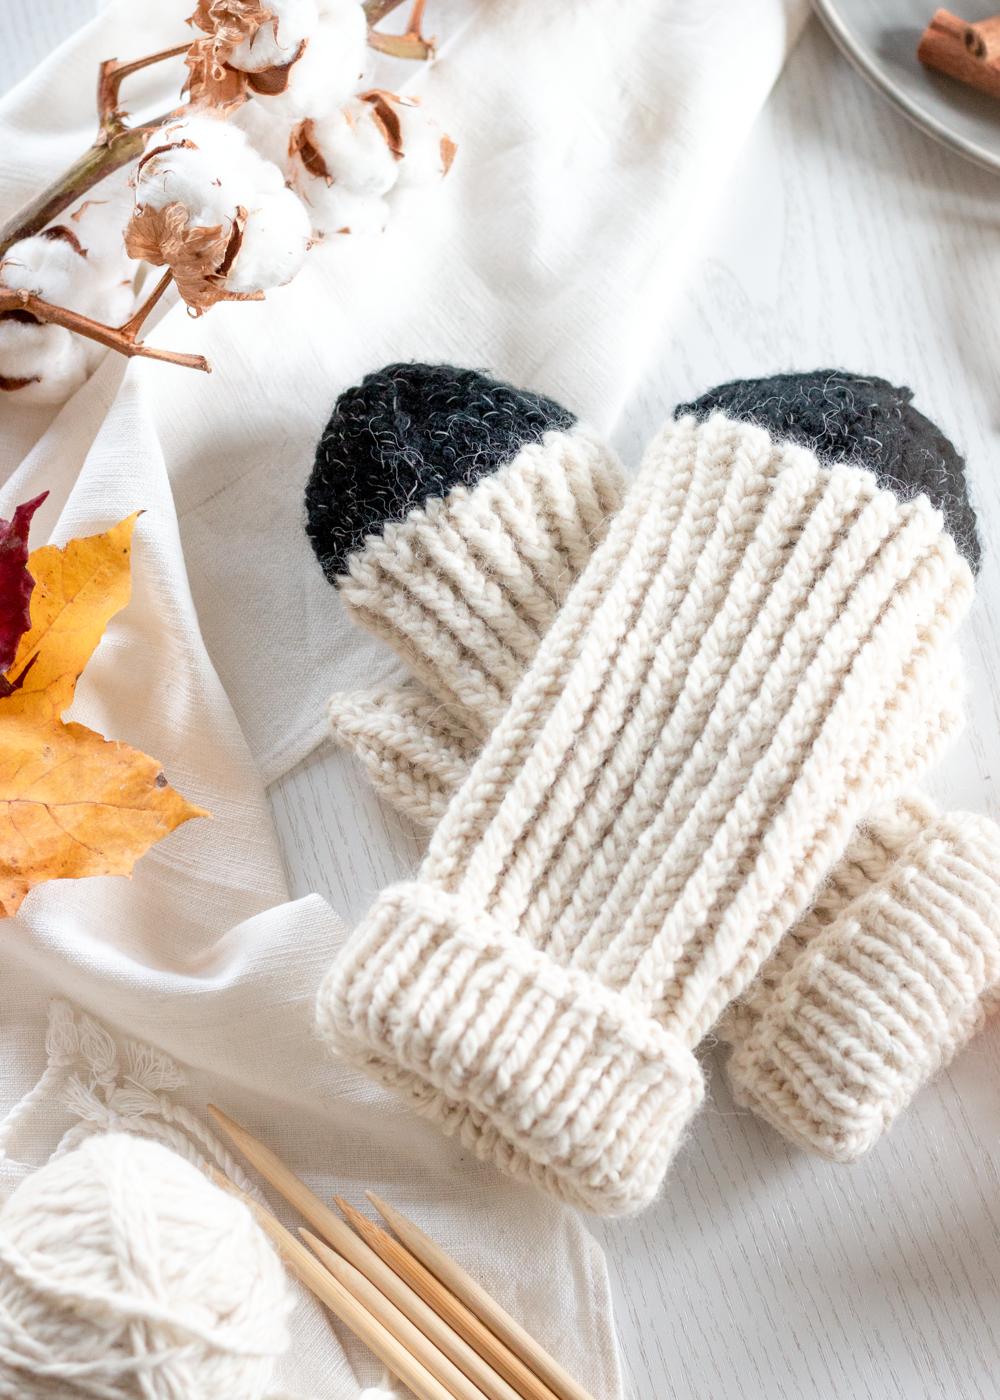 DIY Dip Dye Reflective Mittens | Free Knitting Pattern | Sandramarias.com